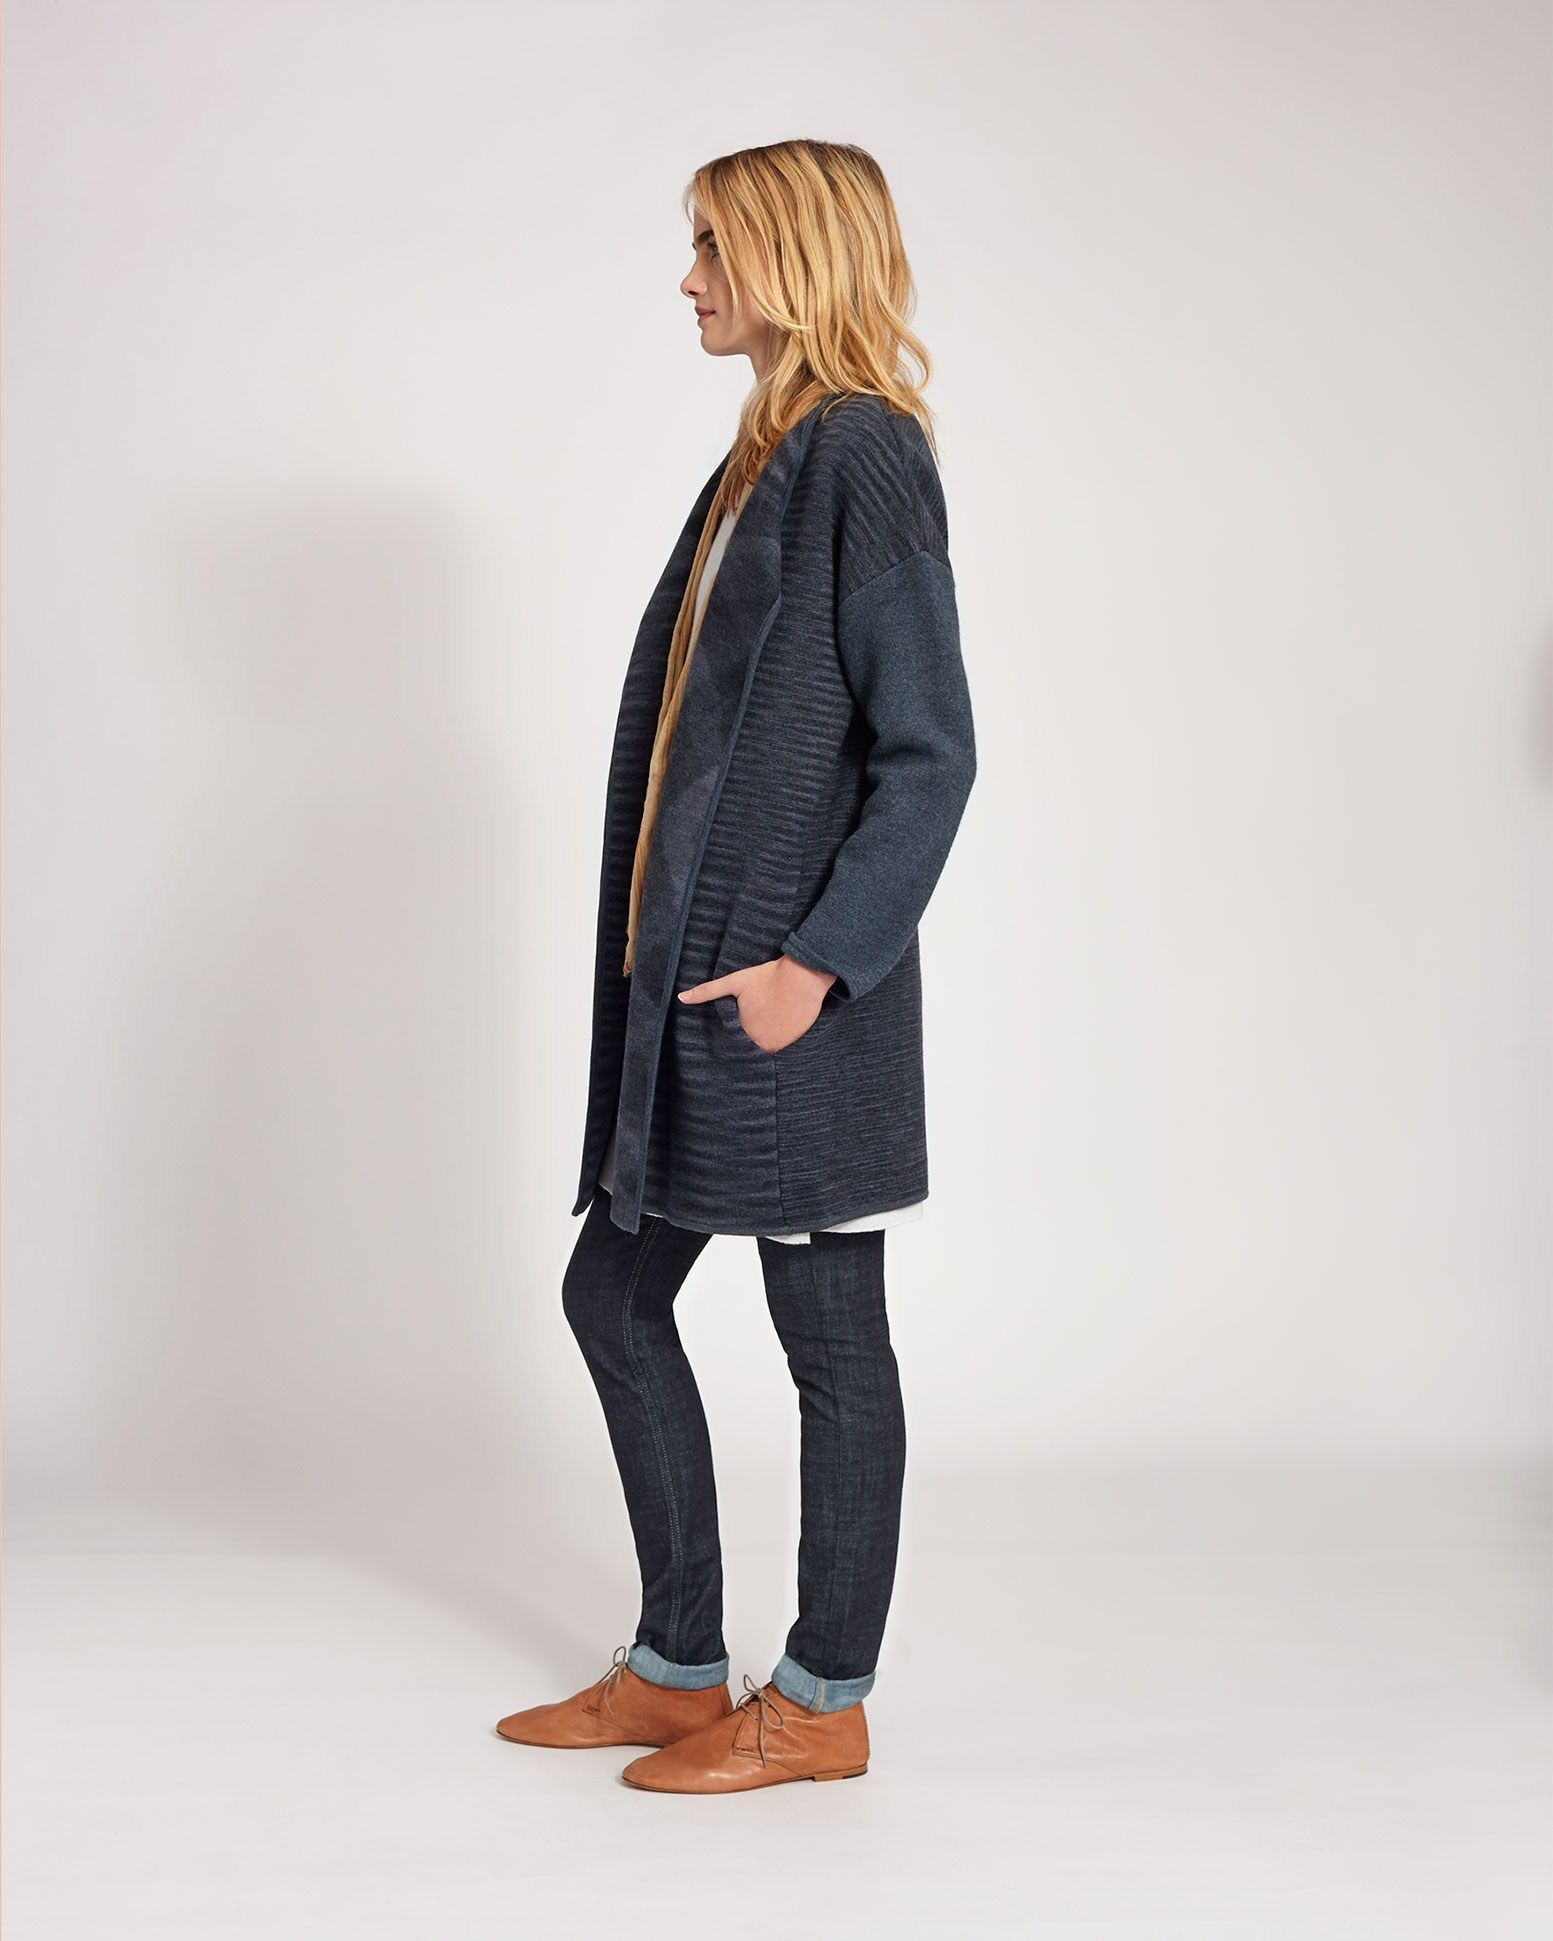 Women's Space Dye Knit Coat in Coats